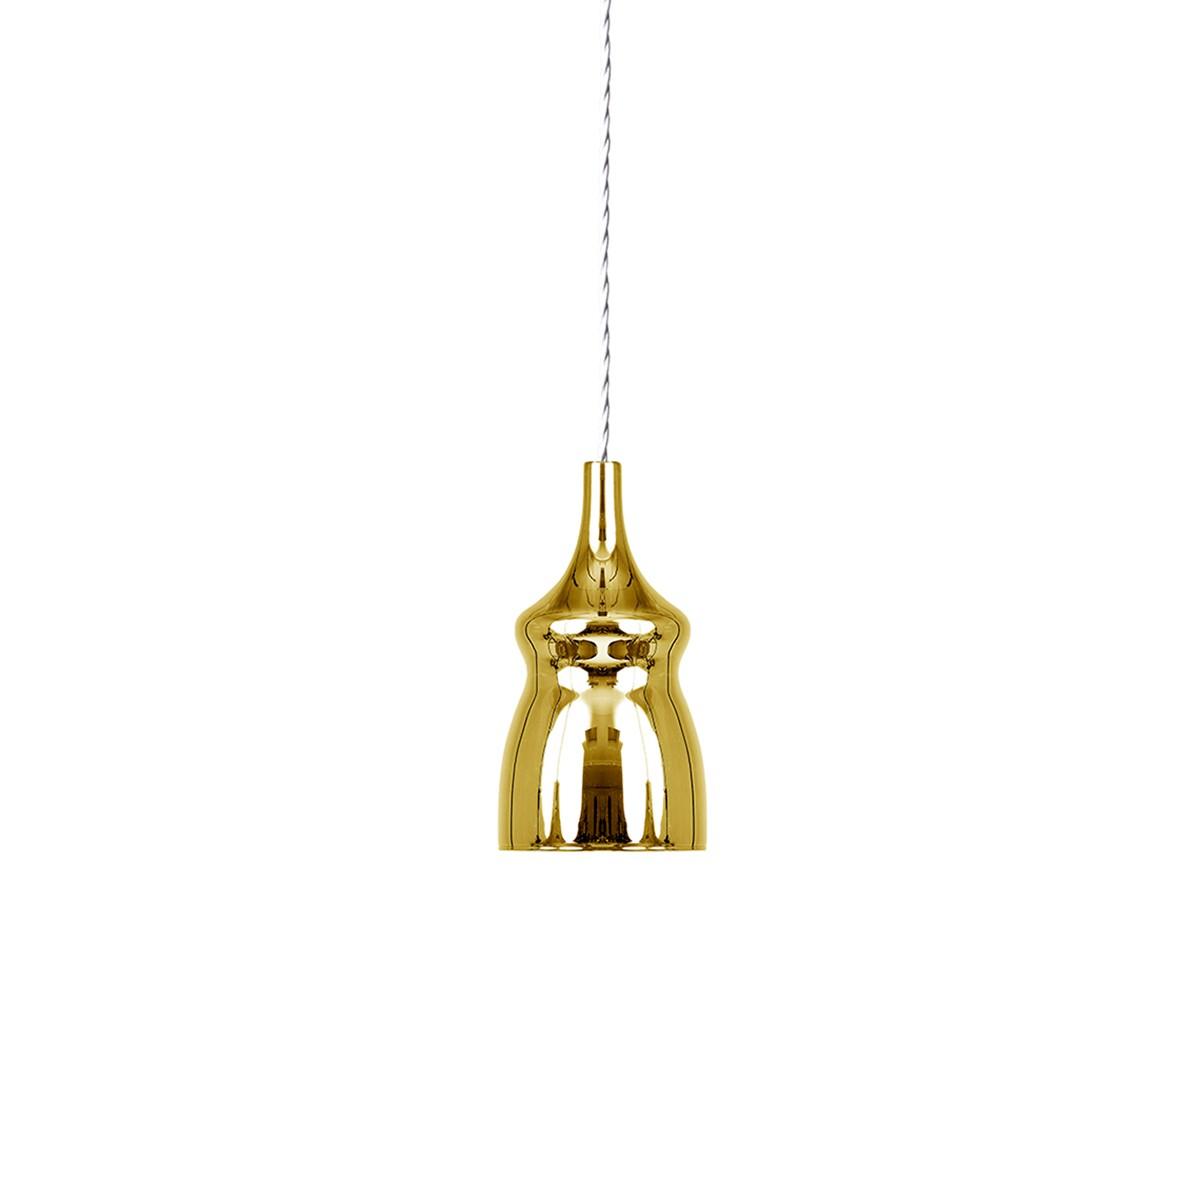 Studio Italia Design Nostalgia Glas Small Pendelleuchte 1-flg., Chrom - Gold